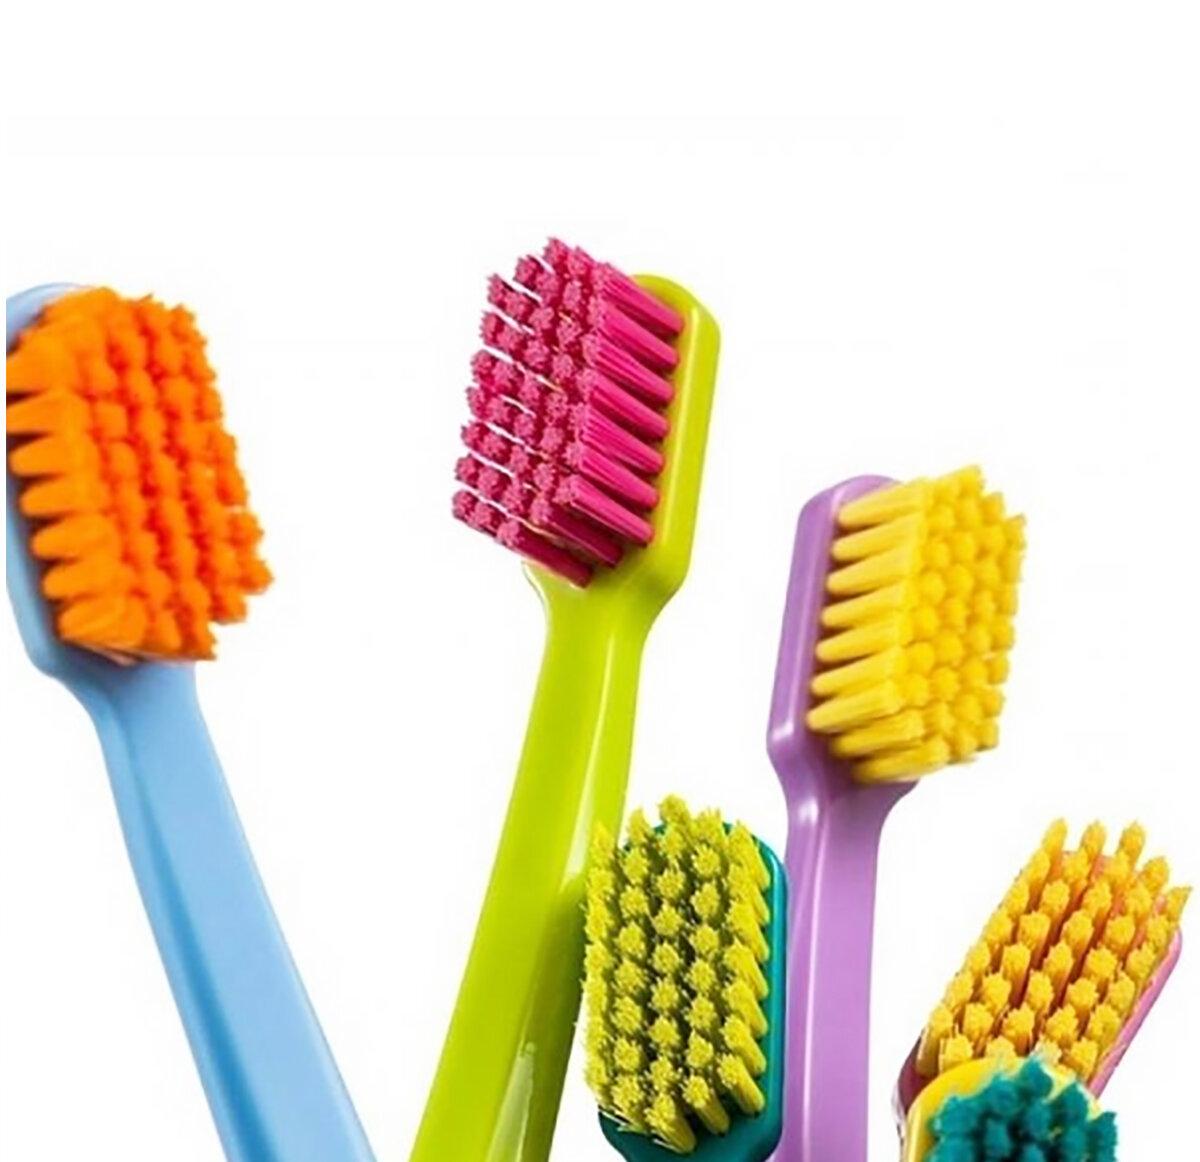 Как выбрать хорошую зубную щетку? — 5 главных моментов